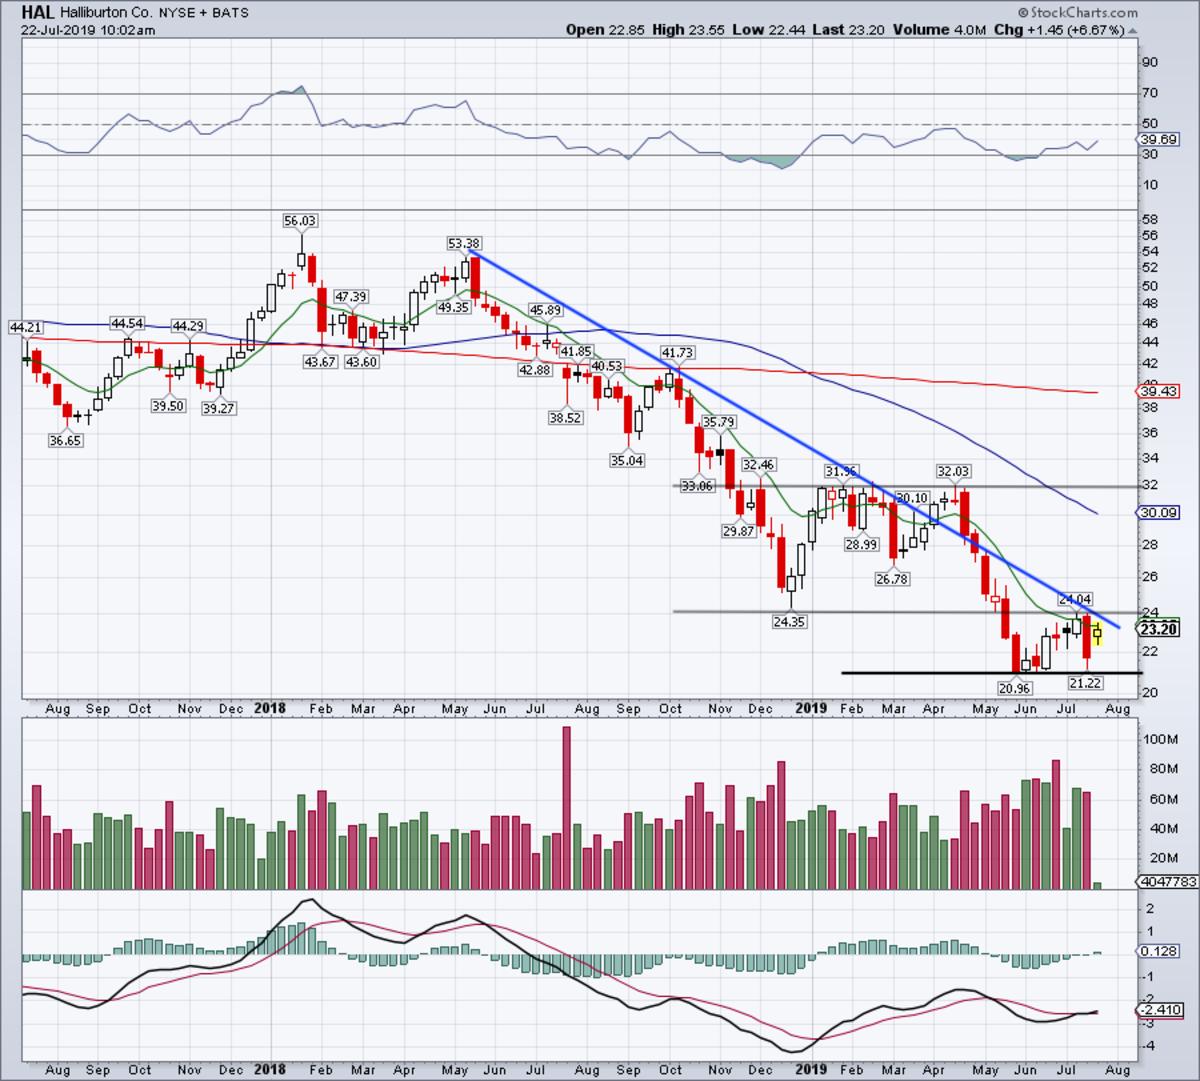 Weekly chart of Halliburton stock.